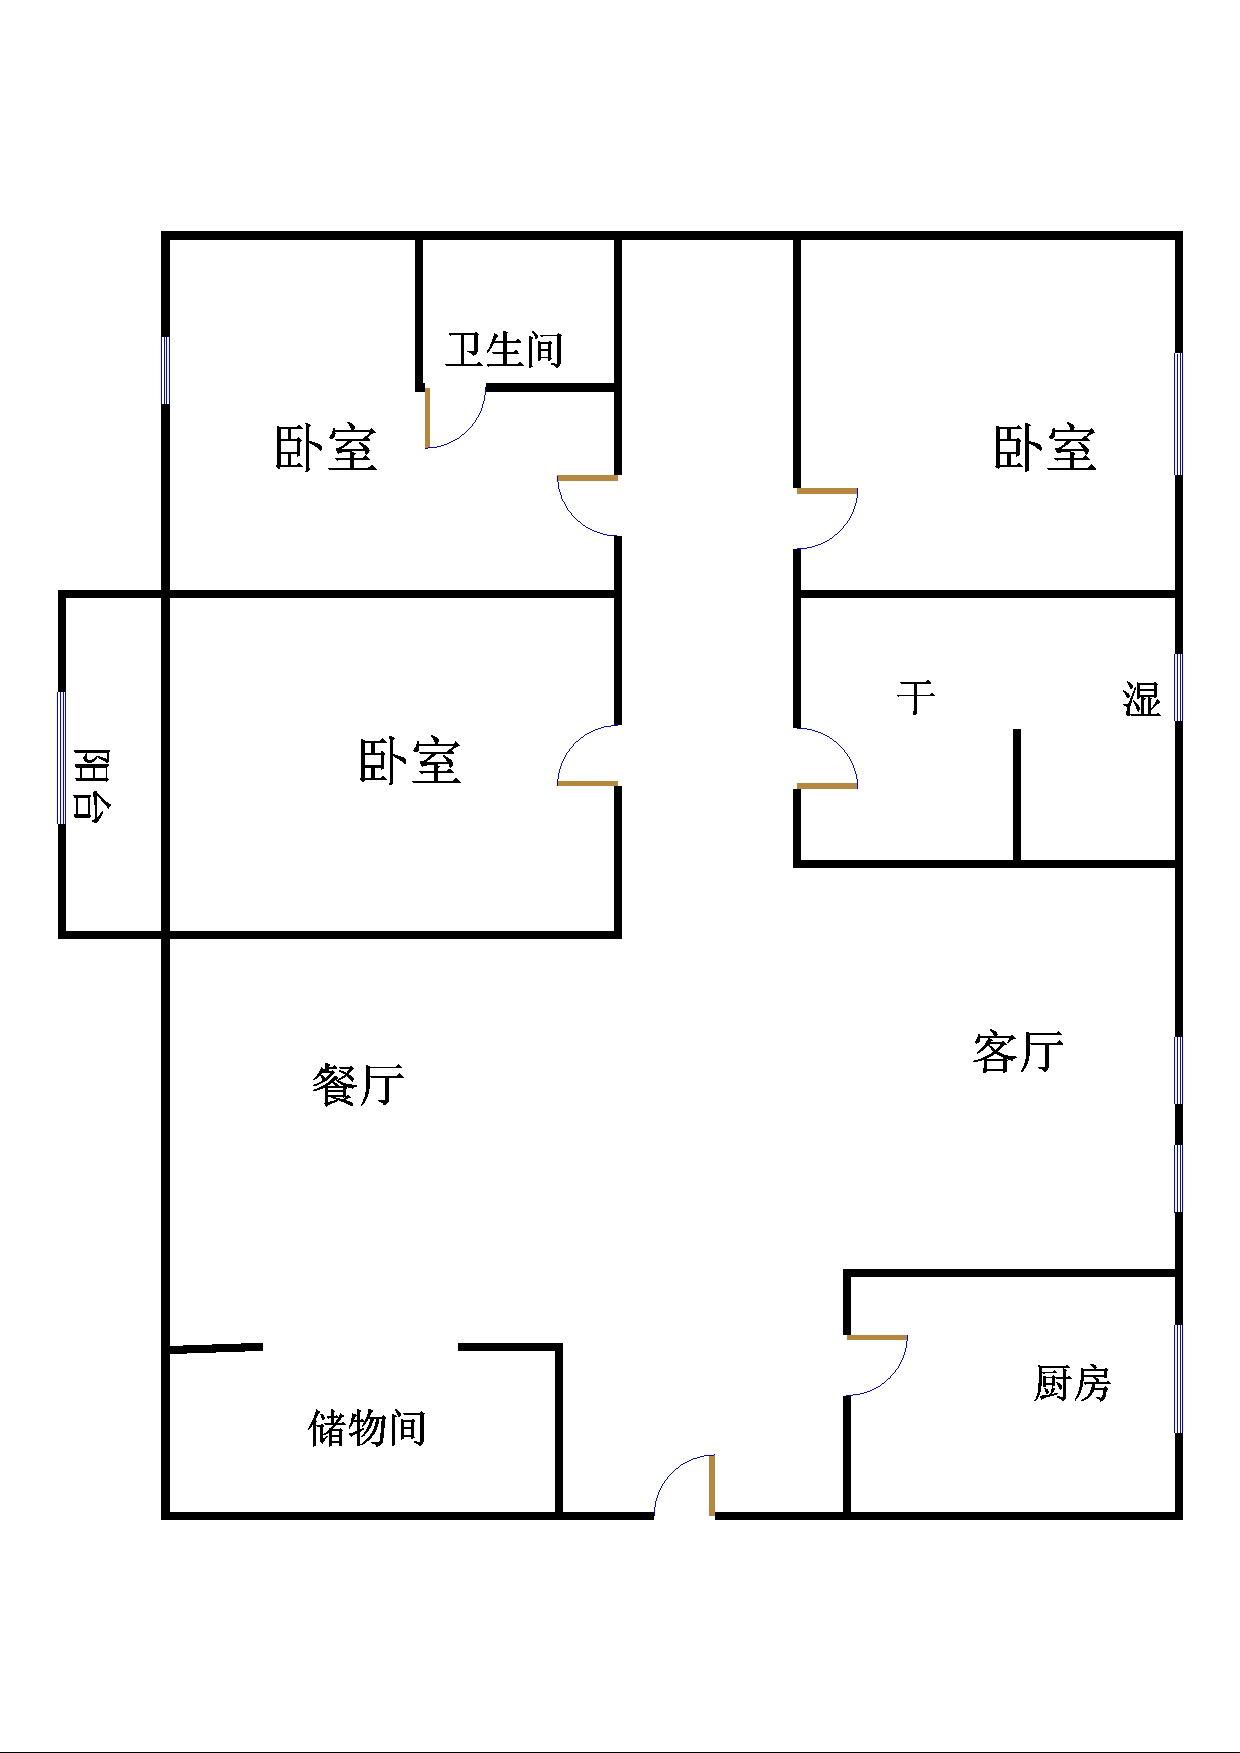 嘉城盛世 3室2厅  精装 128万